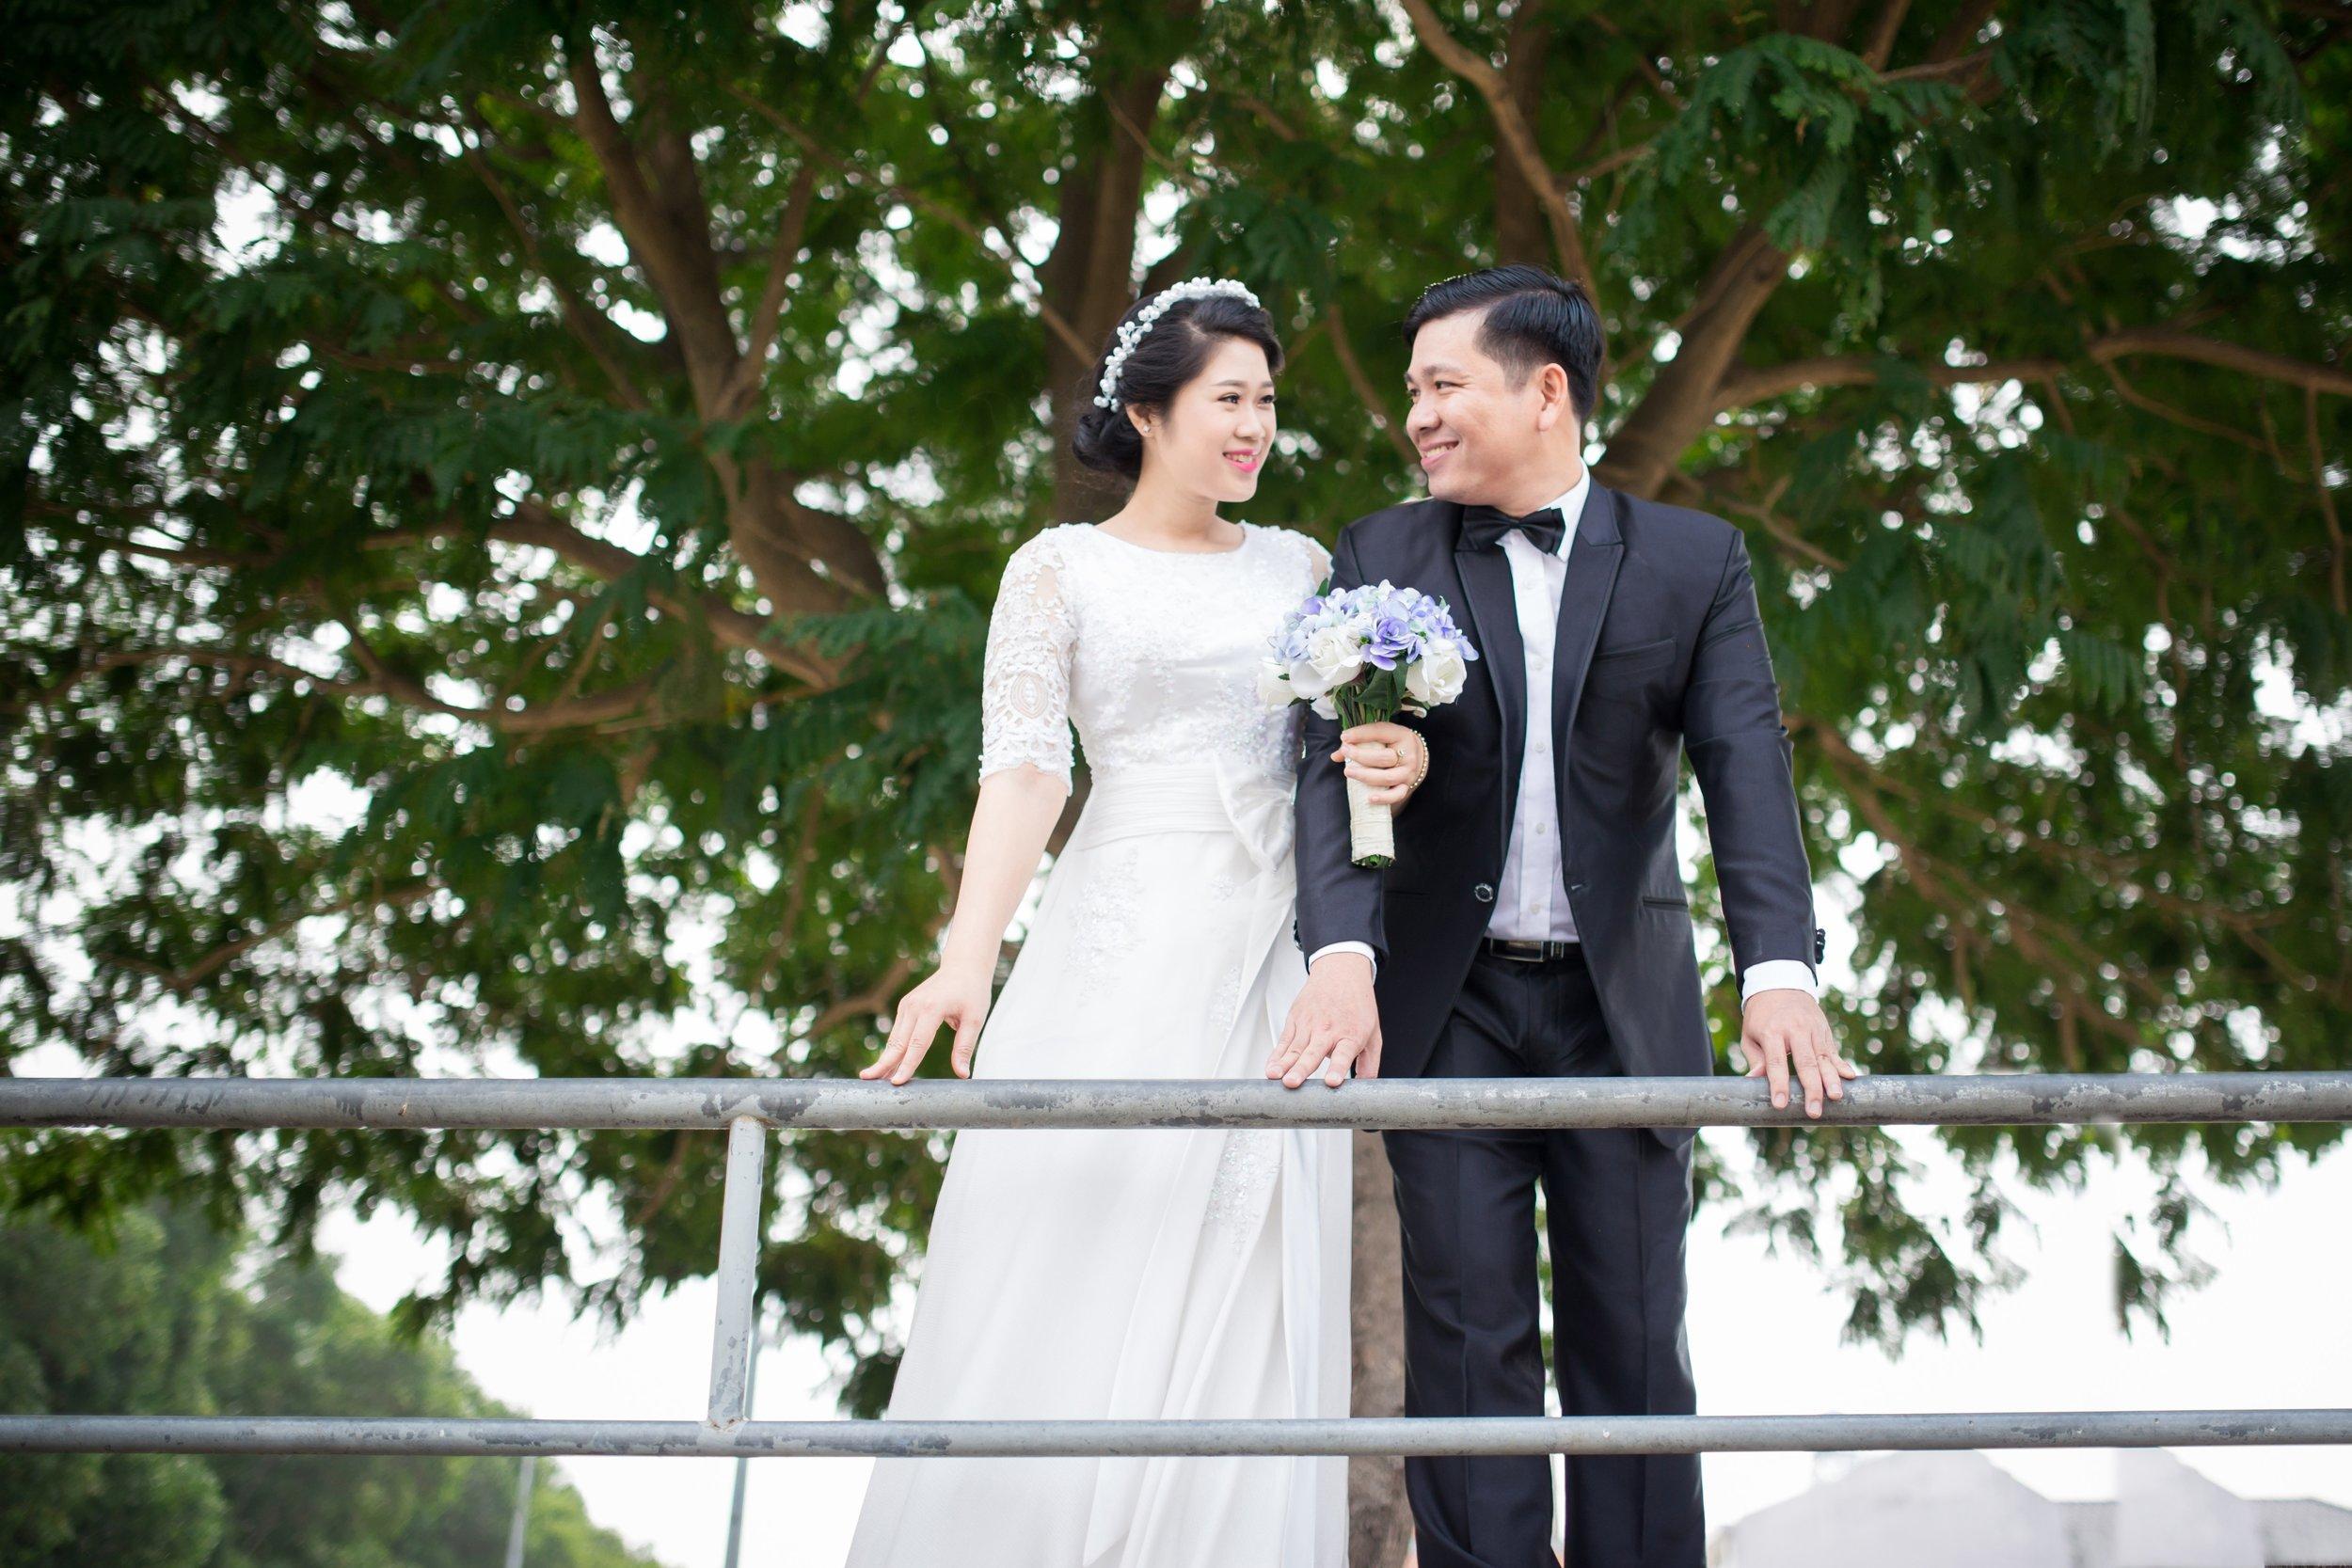 affection-blur-bride-2892187 (1).jpg